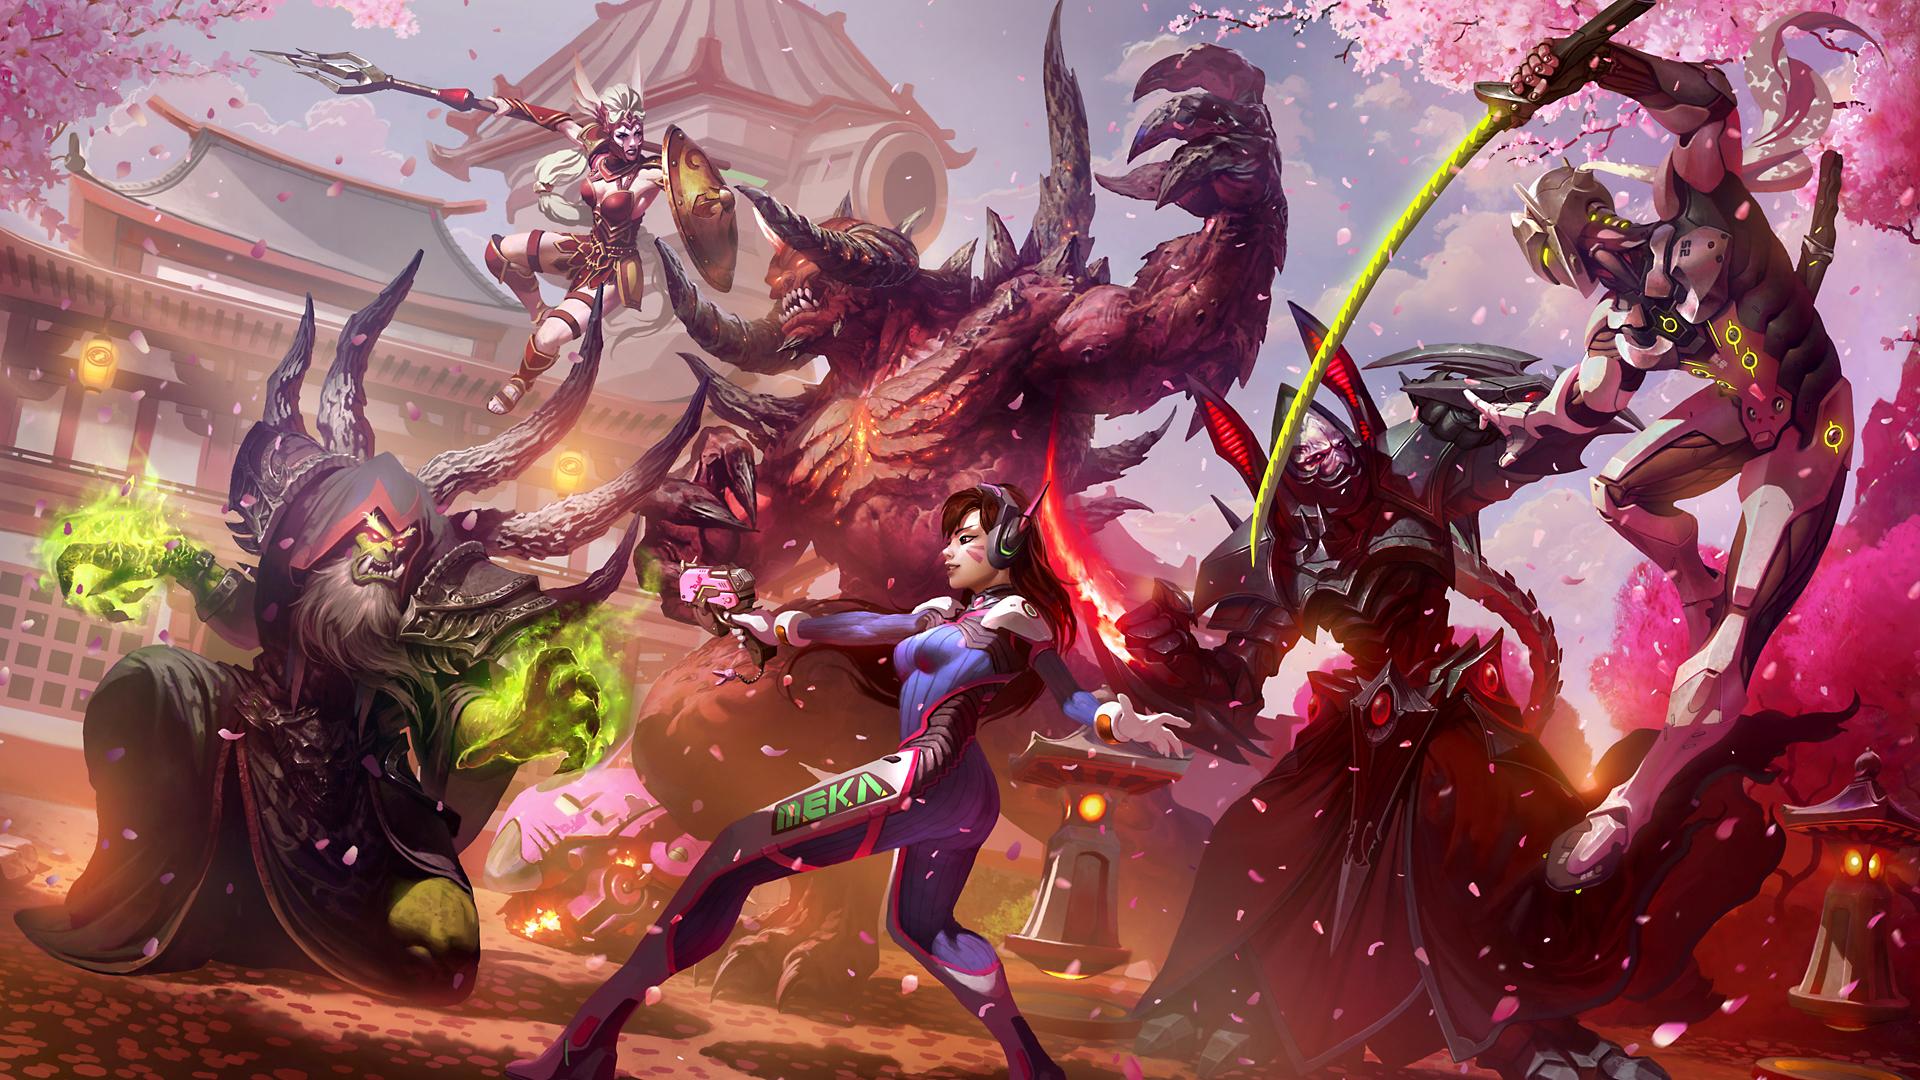 D.Va - Heroes of the Storm alarak, cassia, genji, Gul'dan, Арт